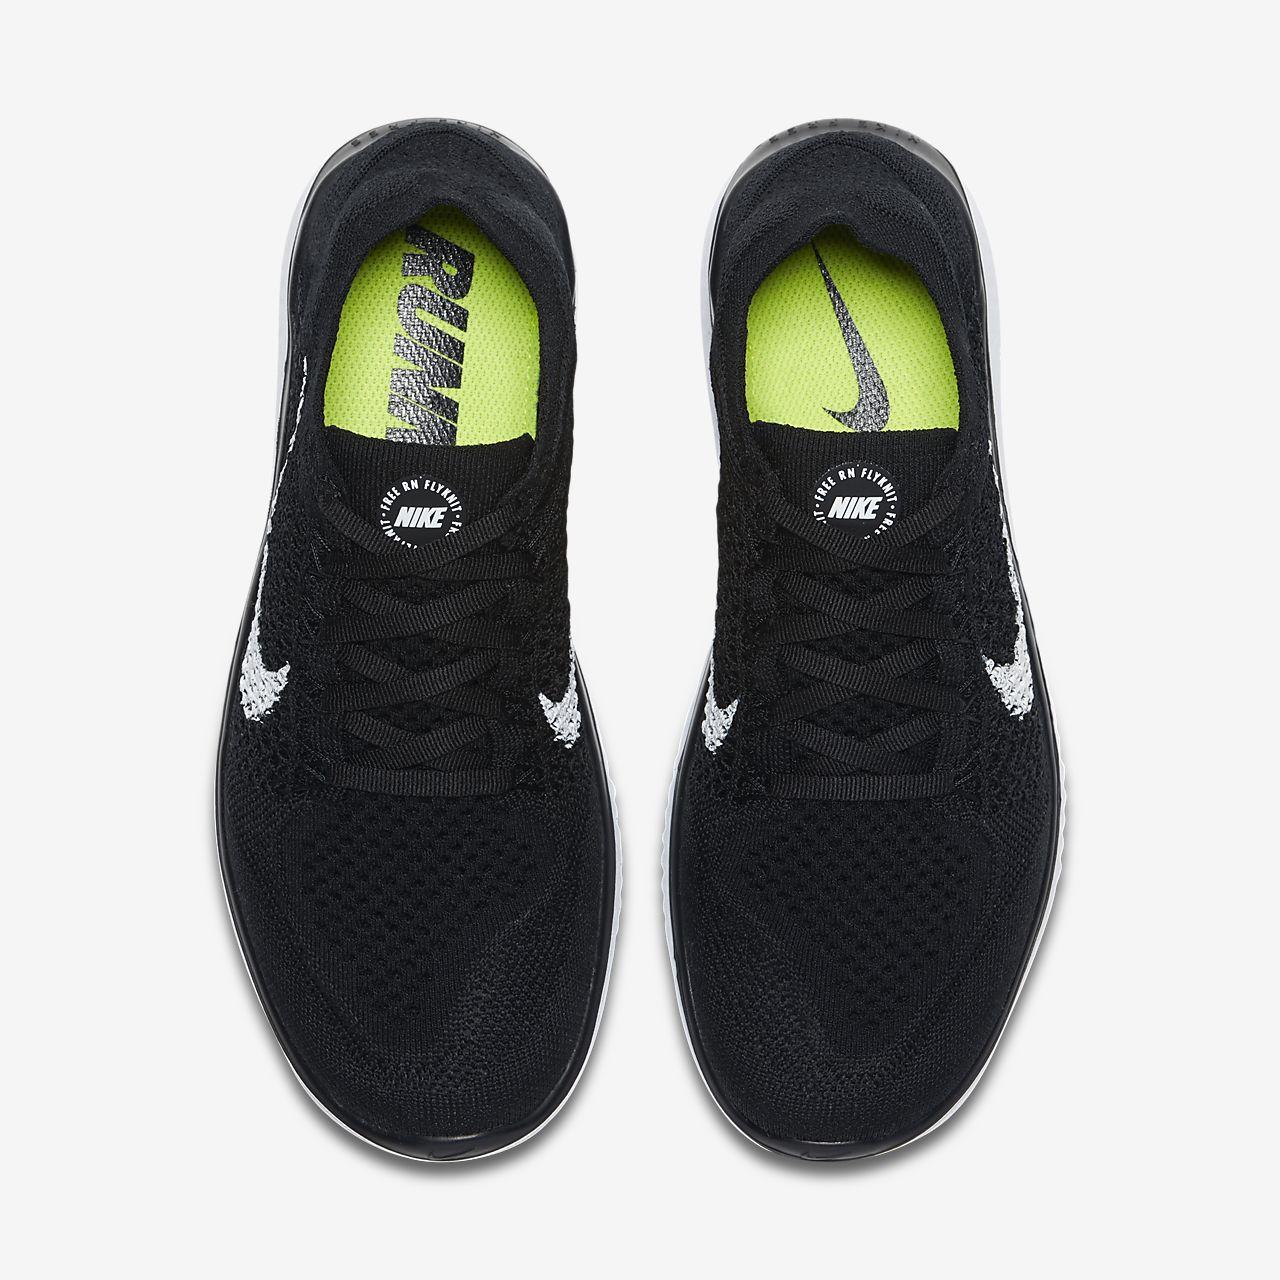 best cheap 998b3 86413 Damskie buty do biegania Nike Free RN Flyknit 2018. Nike.com PL